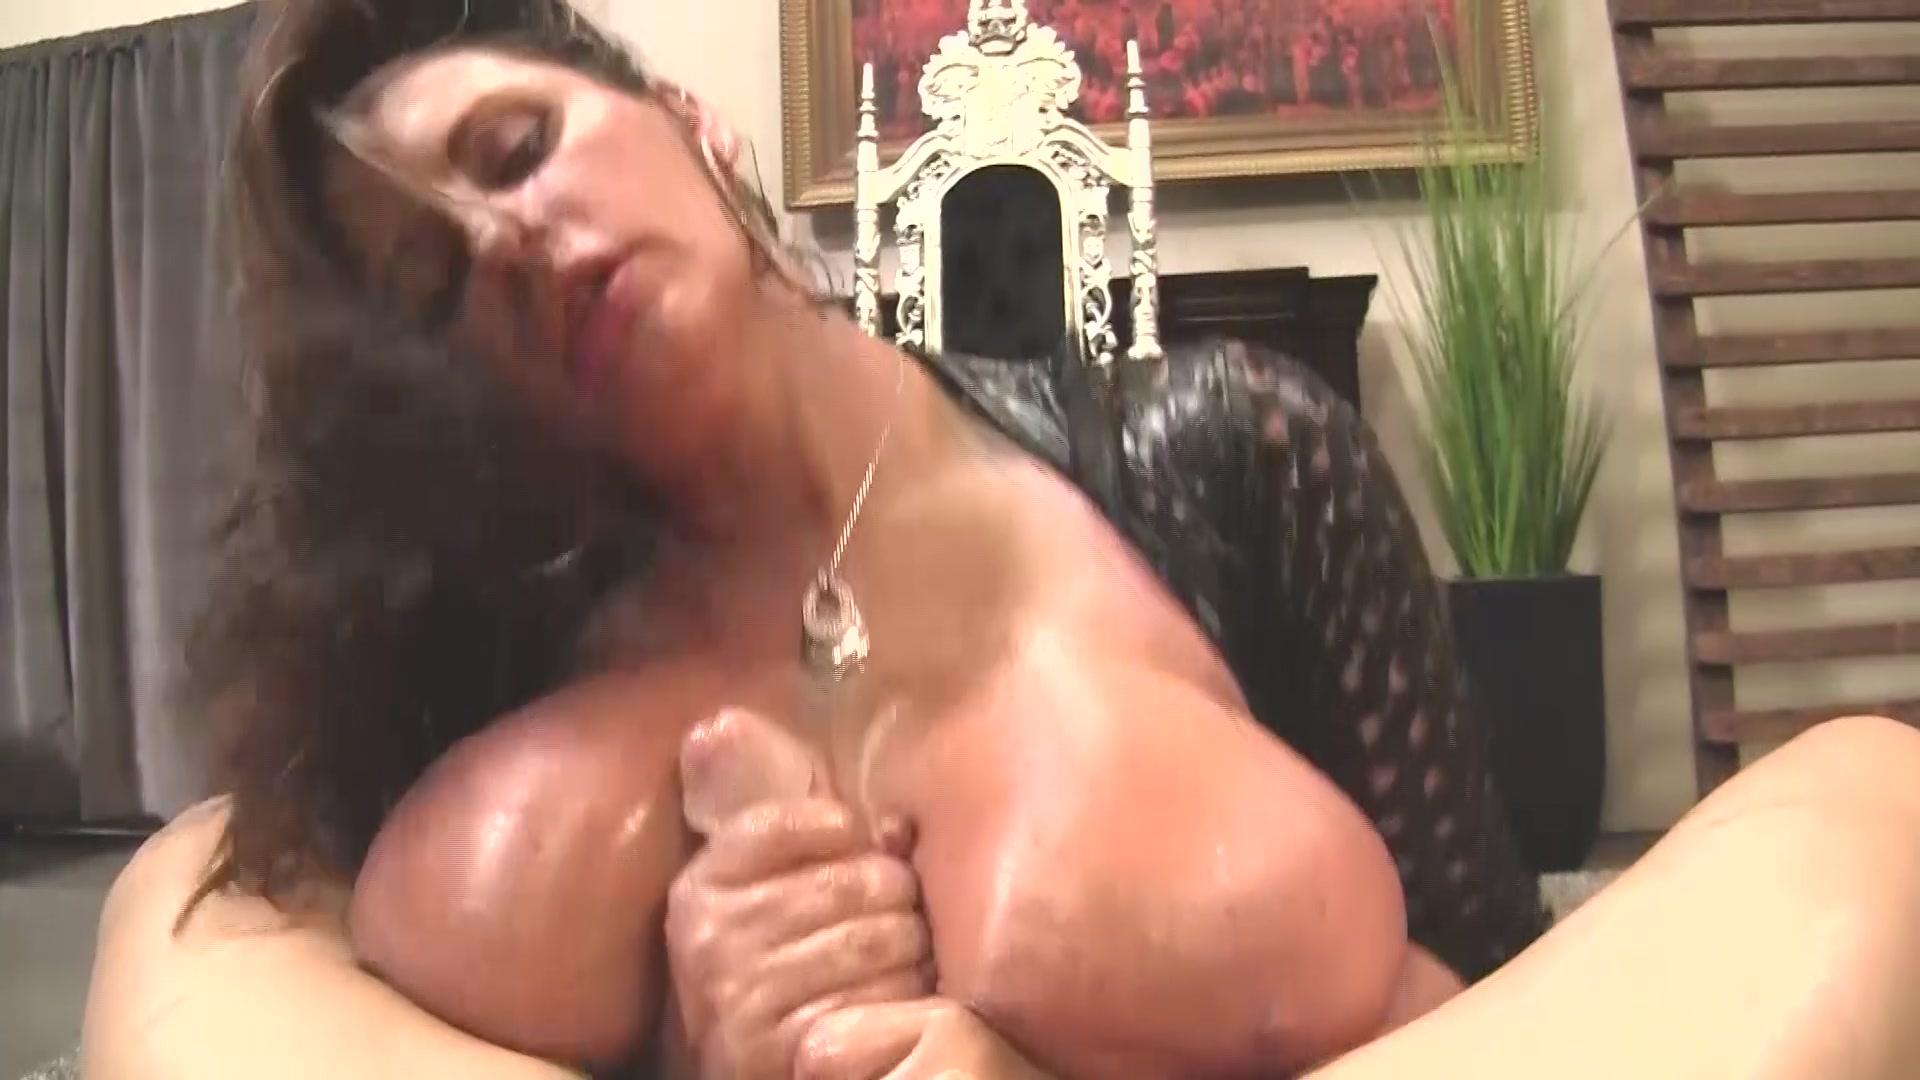 All Kayla kleevage ron jeremy porn